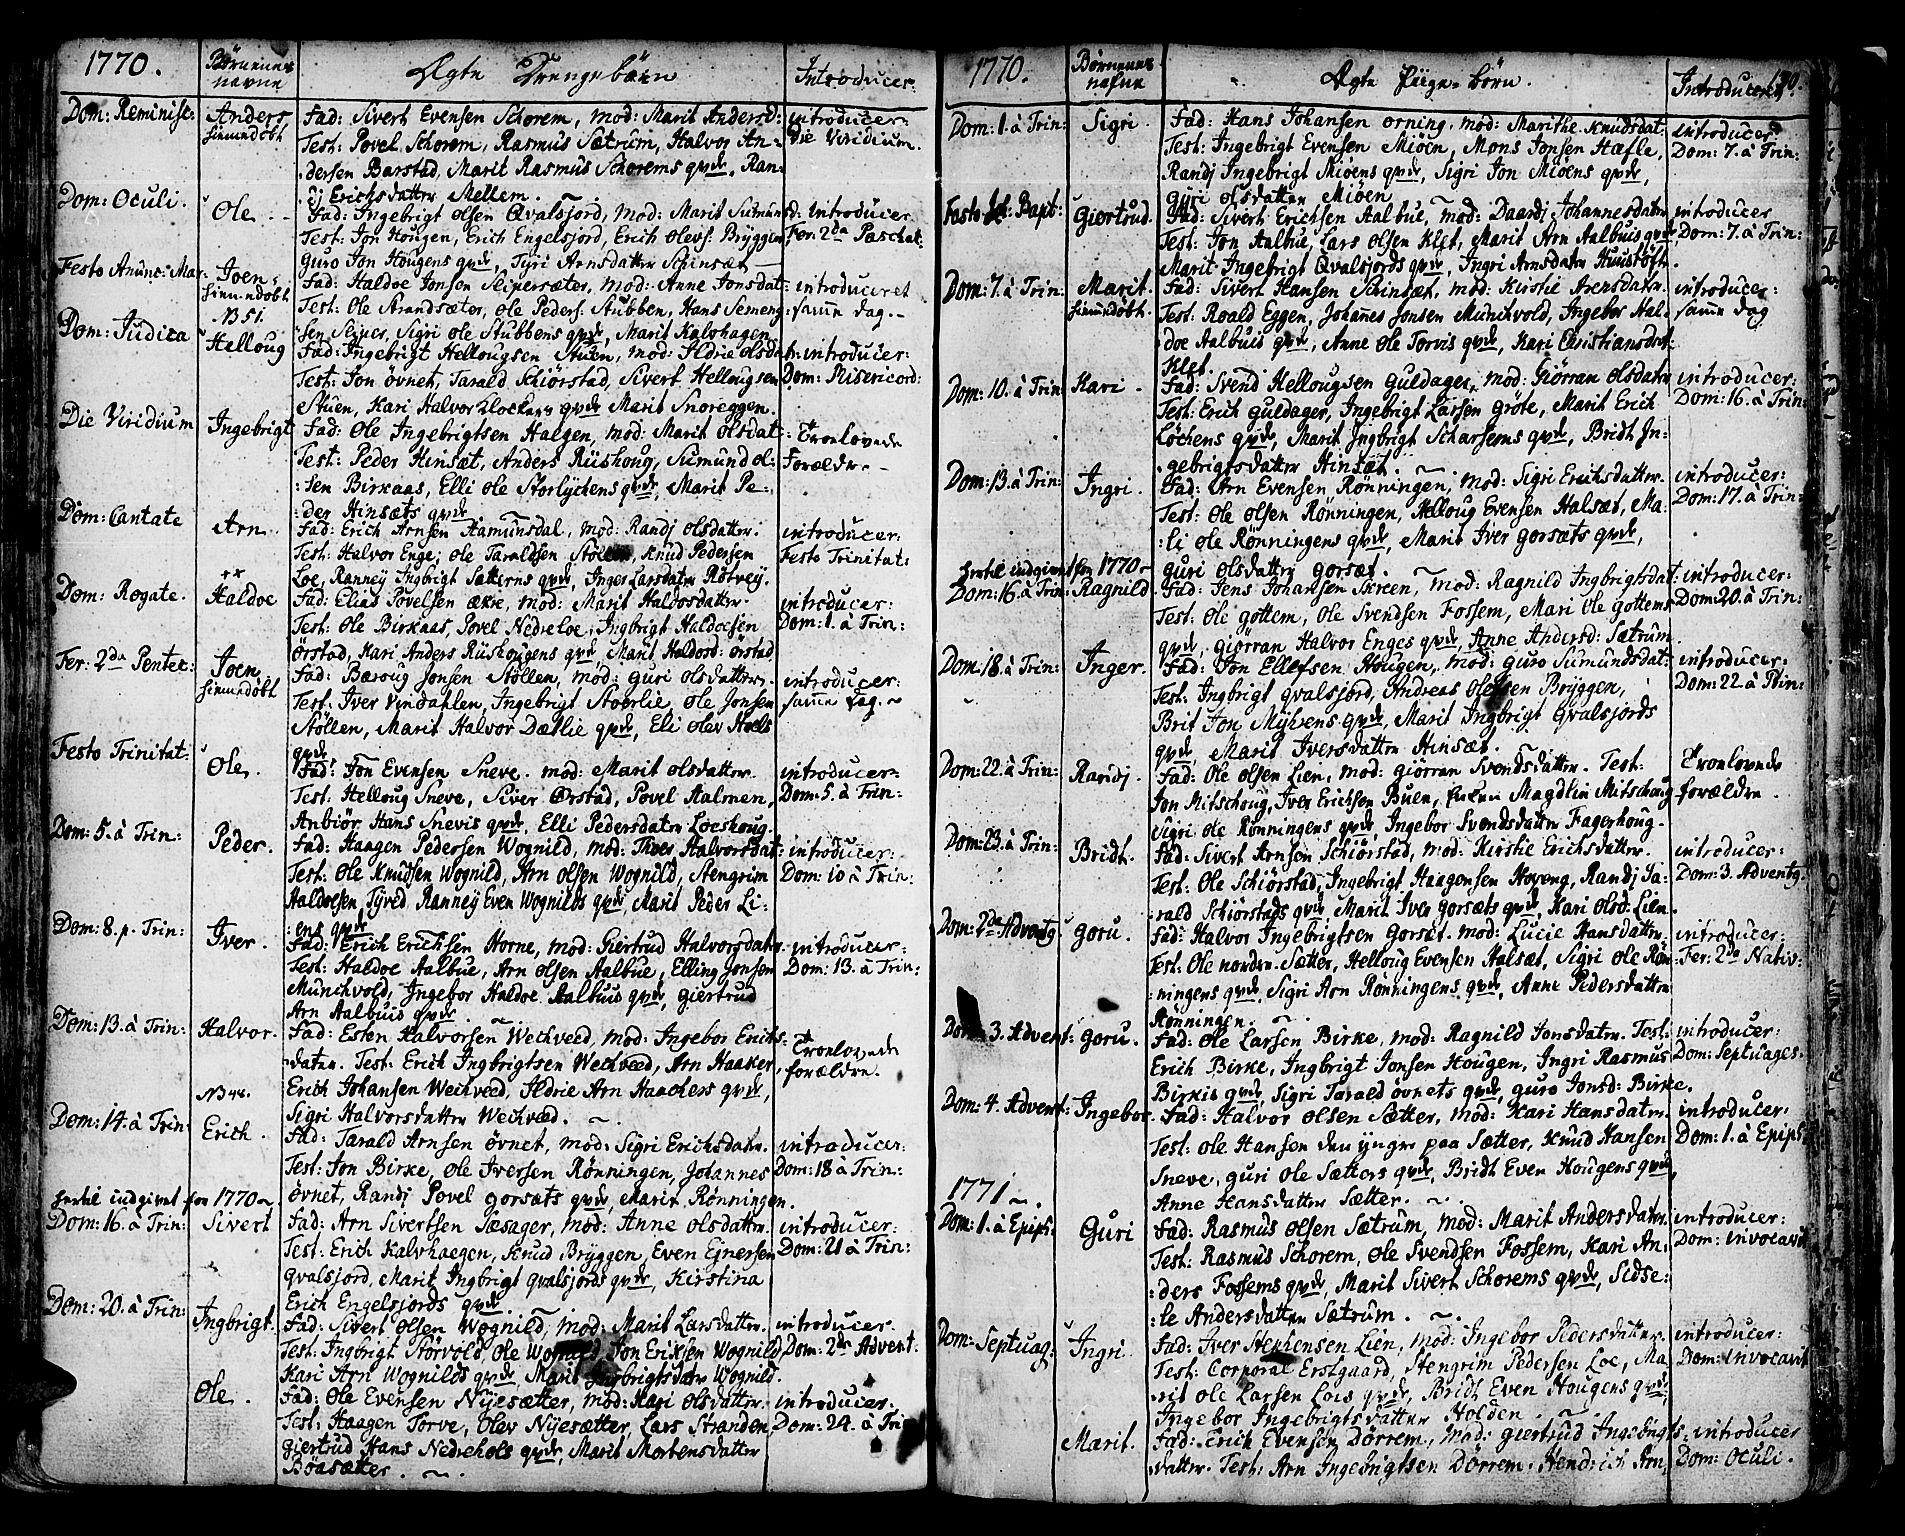 SAT, Ministerialprotokoller, klokkerbøker og fødselsregistre - Sør-Trøndelag, 678/L0891: Ministerialbok nr. 678A01, 1739-1780, s. 130